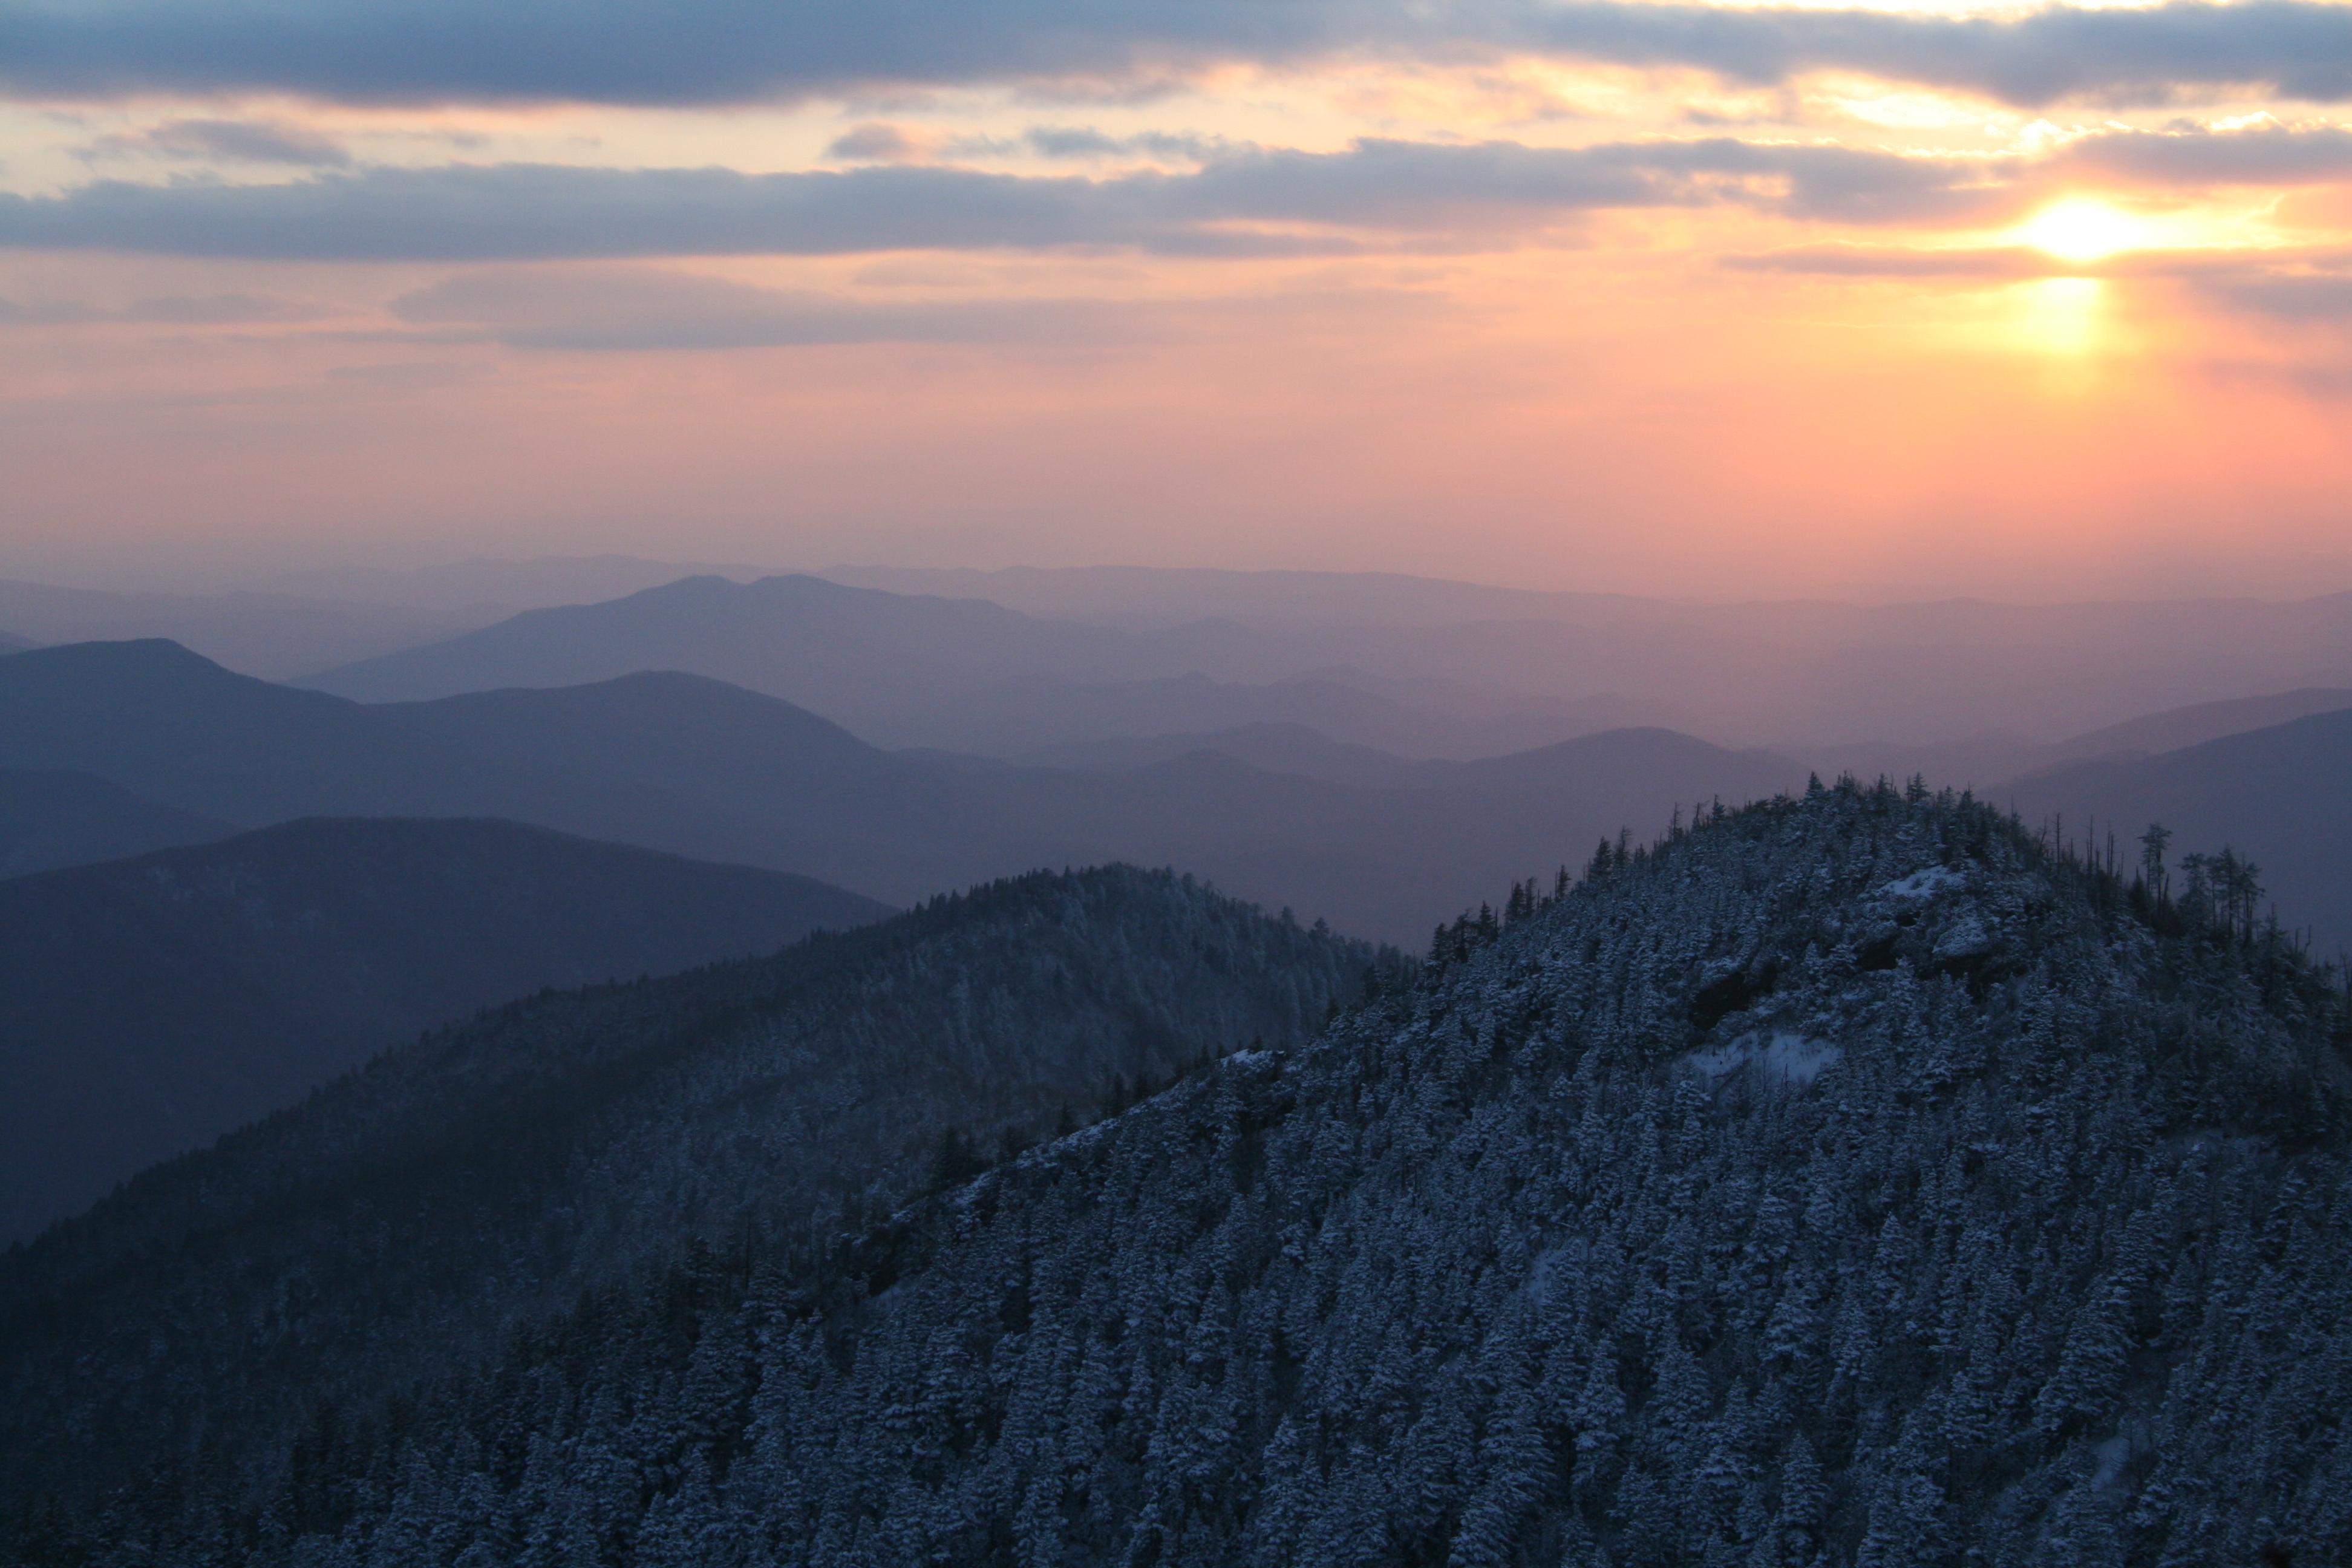 Perfect Smoky Smoky Mountains Wikipedia Smokey Mountain S Facebook Smokey Mountain S Sinks houzz 01 Smokey Mountain Tops